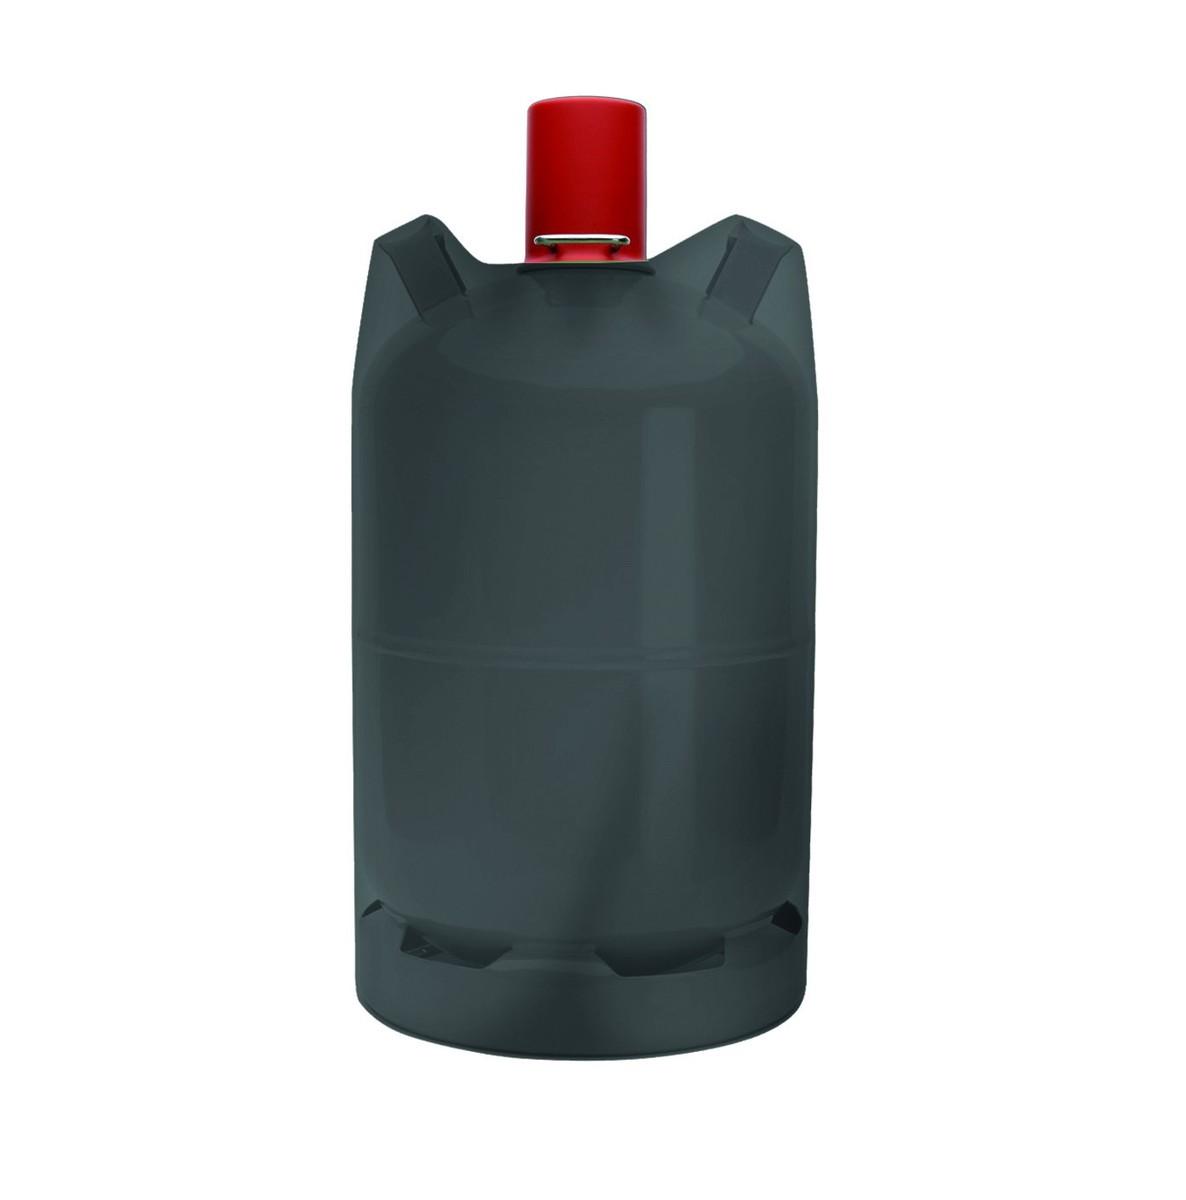 Bild 1 von Tepro, Universal Abdeckhaube - Gasflasche 11 kg, schwarz